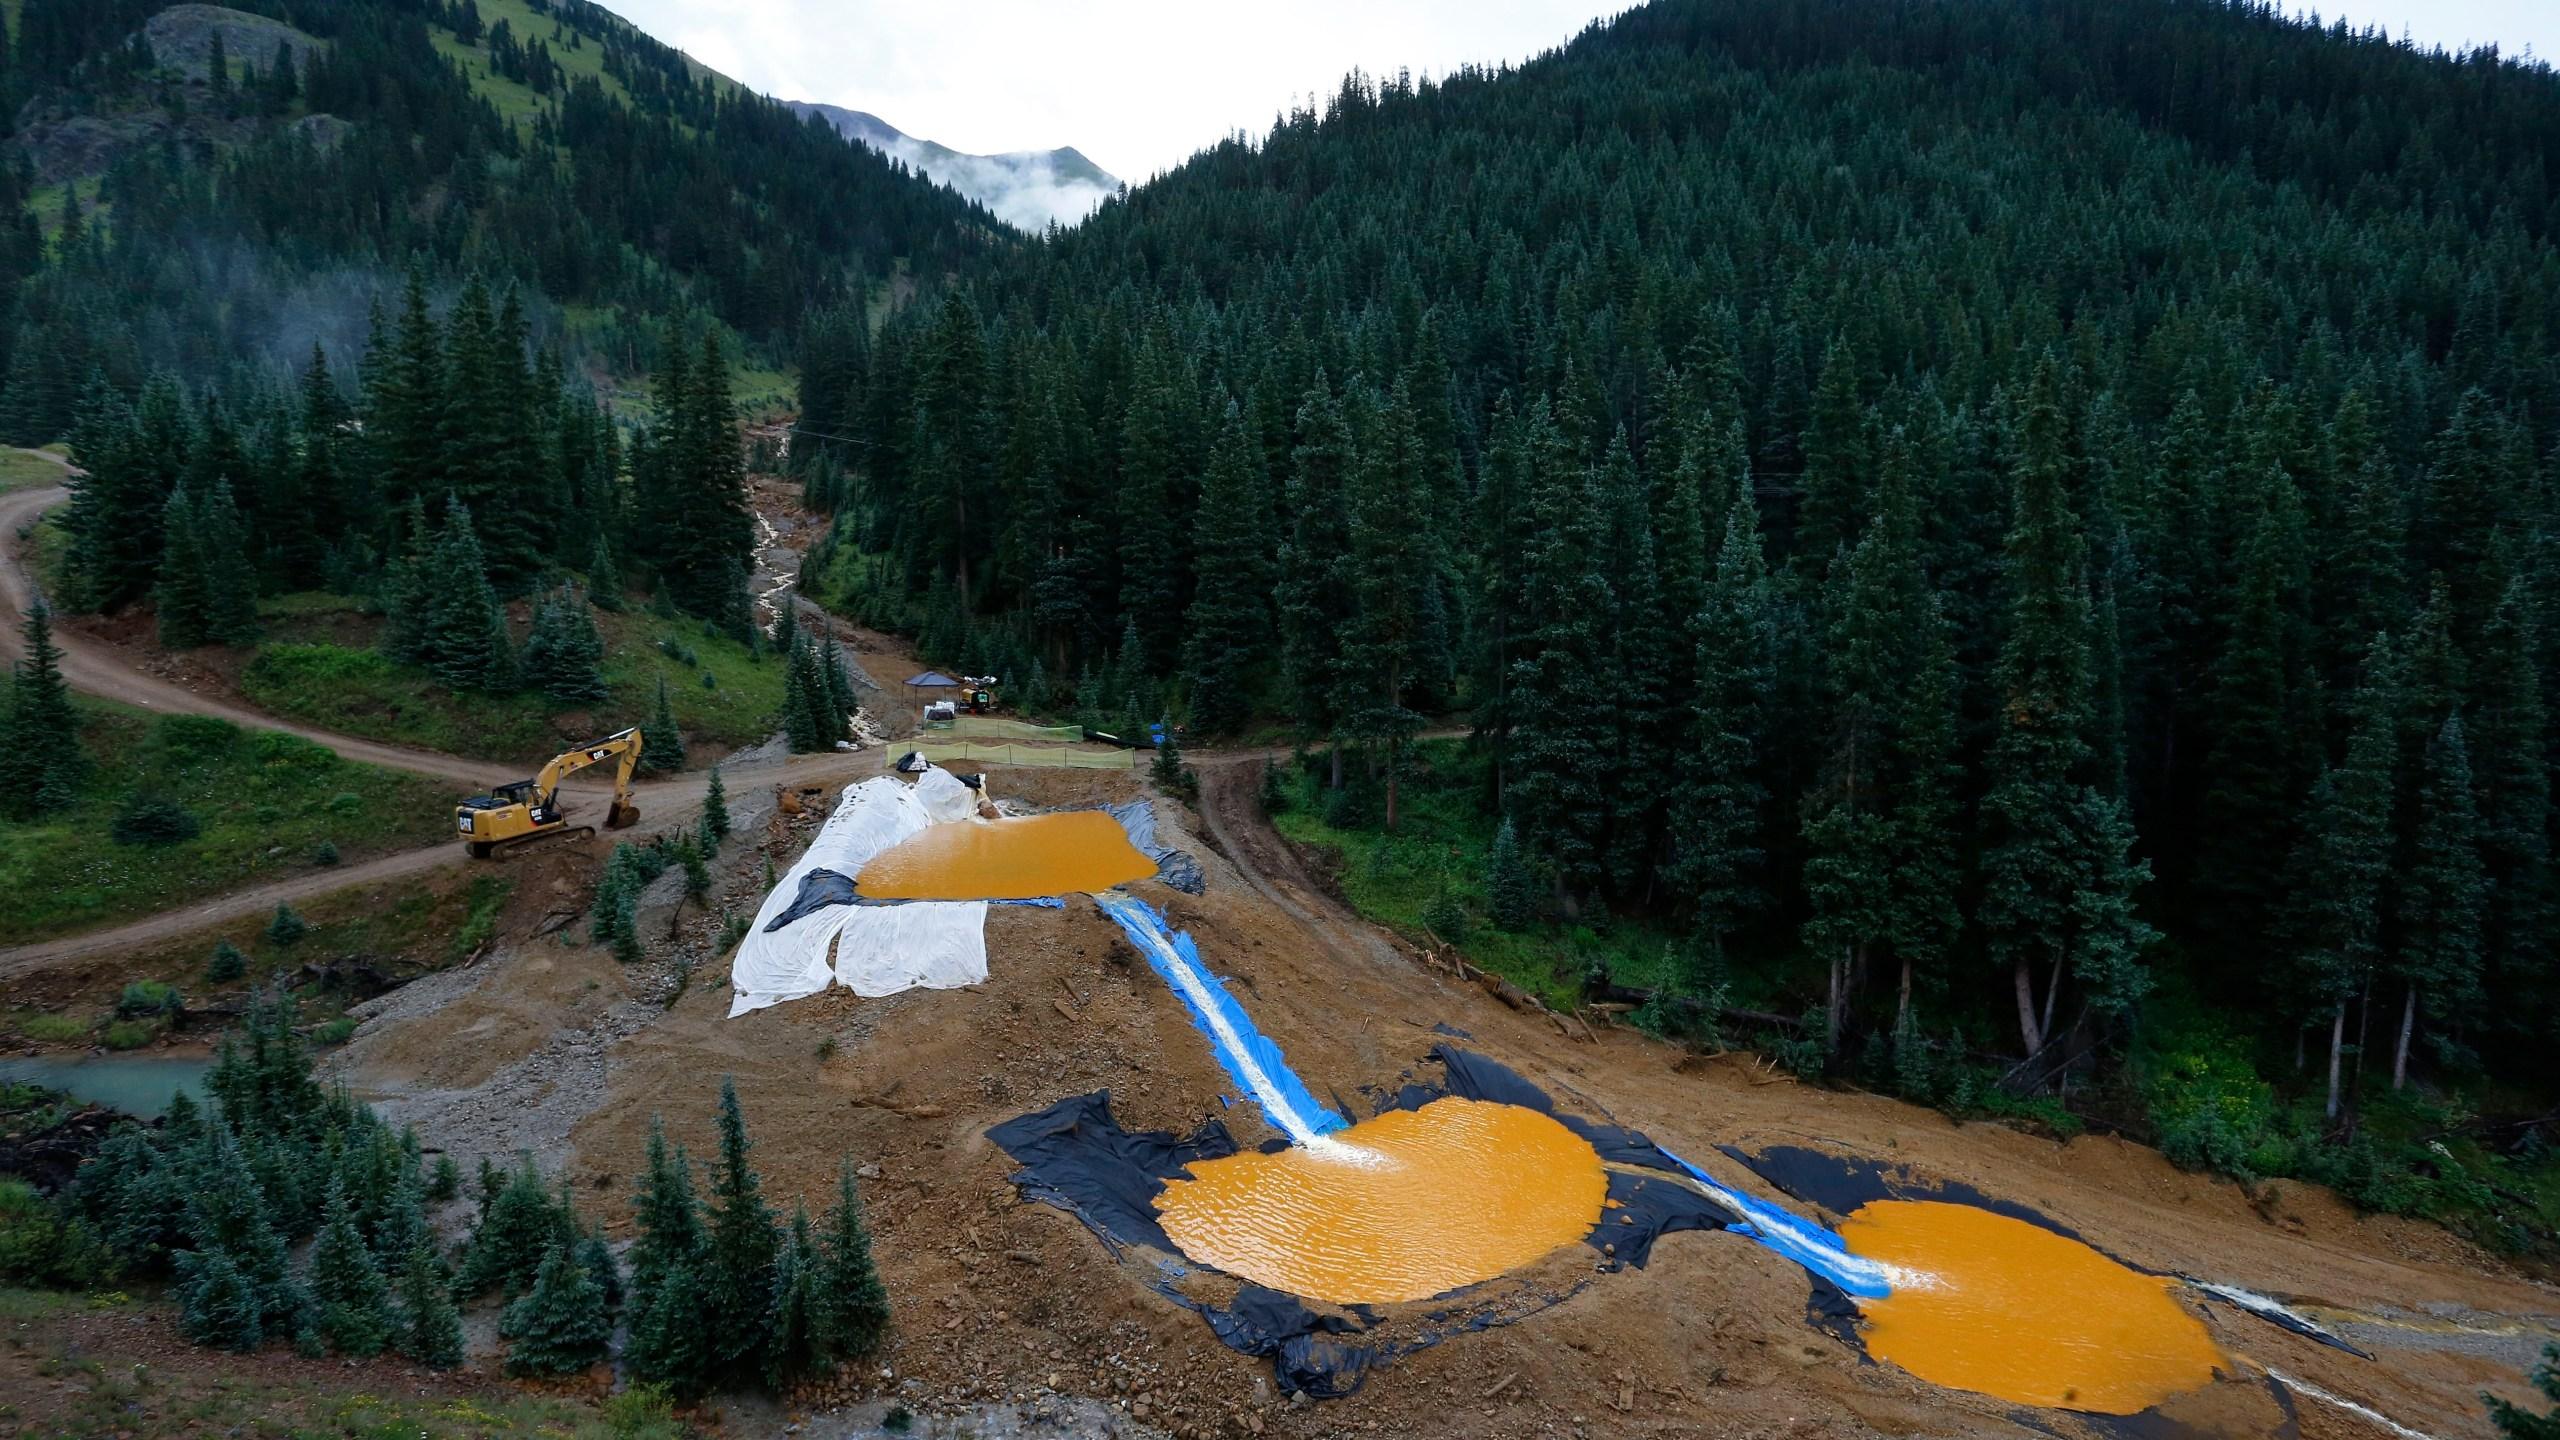 Mining_Pollution_46525-159532.jpg89043538